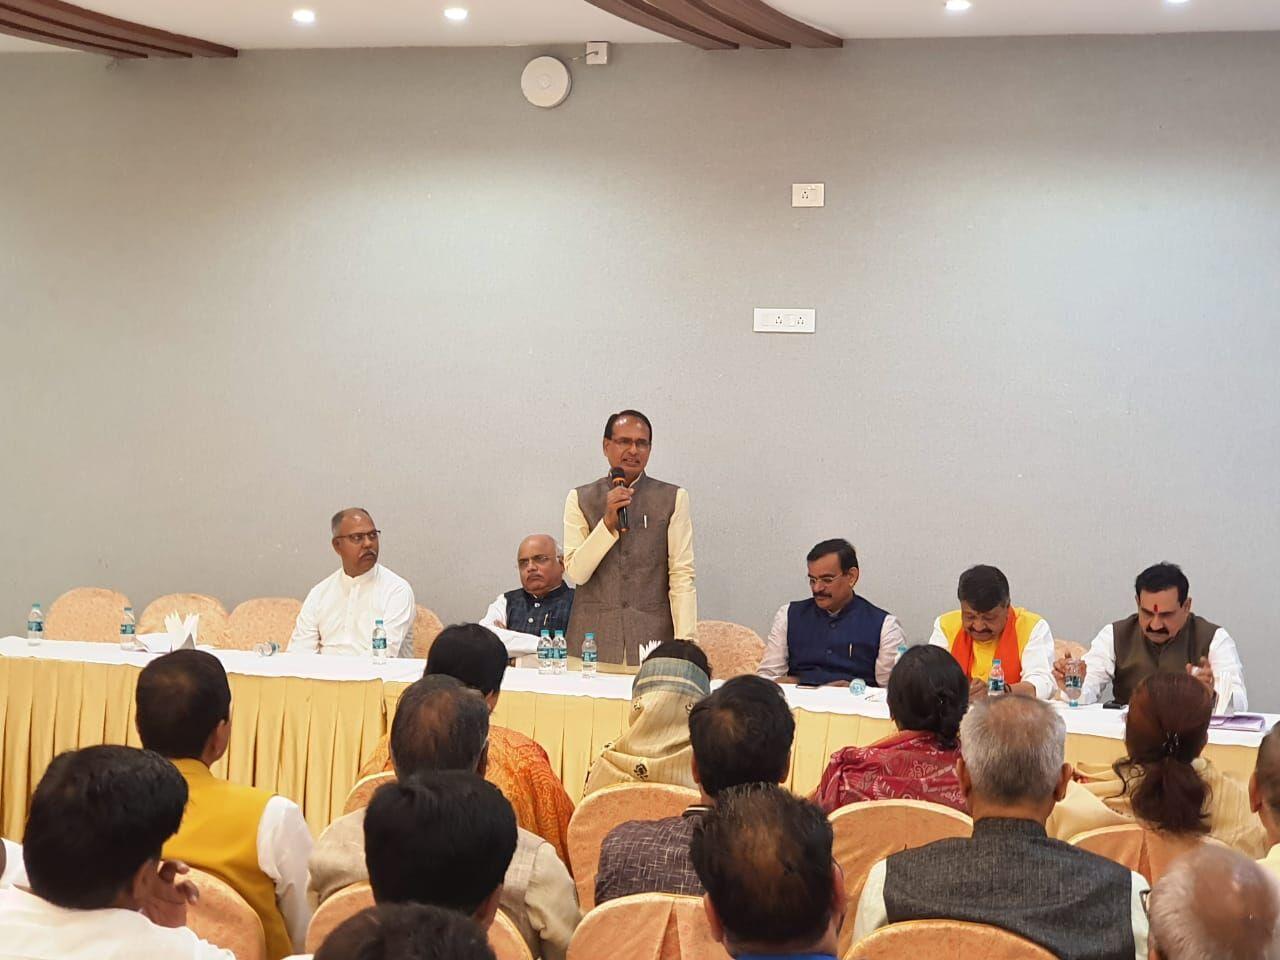 संगठन में होगा फेरबदल, तैयारियों में जुटी भाजपा, सरकार ने भी तय किए मंत्रियों के नाम